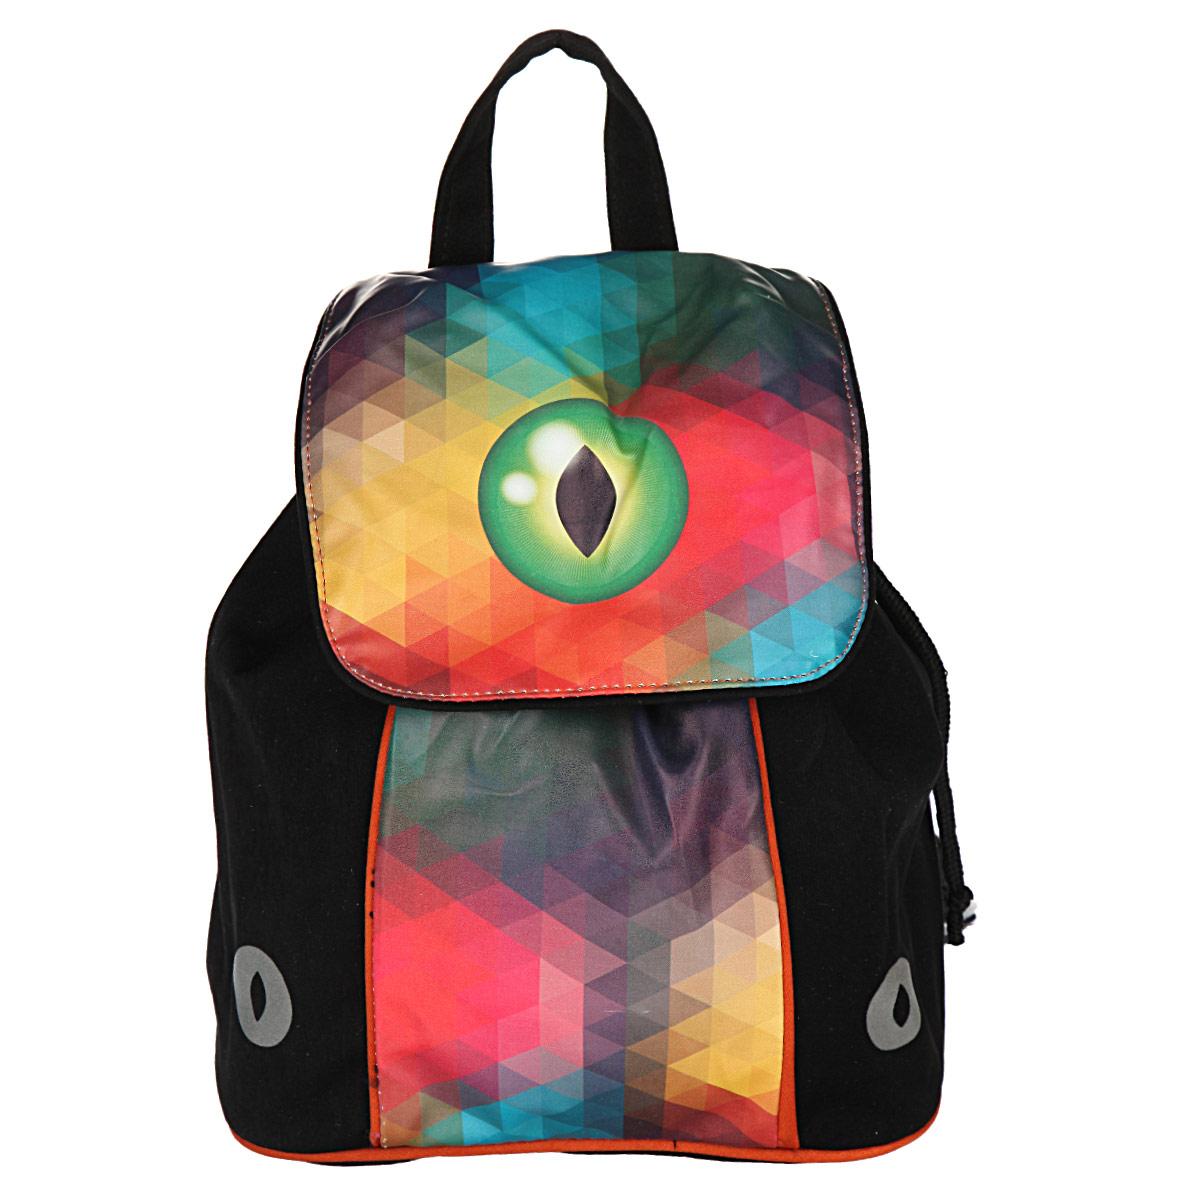 Рюкзак детский Proff Magic Eye, цвет: черный, желтый, красный, зеленый. CI15-BPM-020066-GB01-P1Рюкзак детский Proff Magic Eye изготовлен из прочного полиэстера, украшен оригинальным рисунком с изображением магического глаза. Изделие имеет одно вместительное отделение, завязывающееся на тесемки, с накидным клапаном сверху, на кнопке. Особенностью рюкзака является второй доступ в основное отделение, расположенный со спины, застегивающийся на молнию. Для комфортной переноски сверху рюкзак оснащен текстильной ручкой. Стильный и удобный рюкзак станет отличным подарком для ребенка!